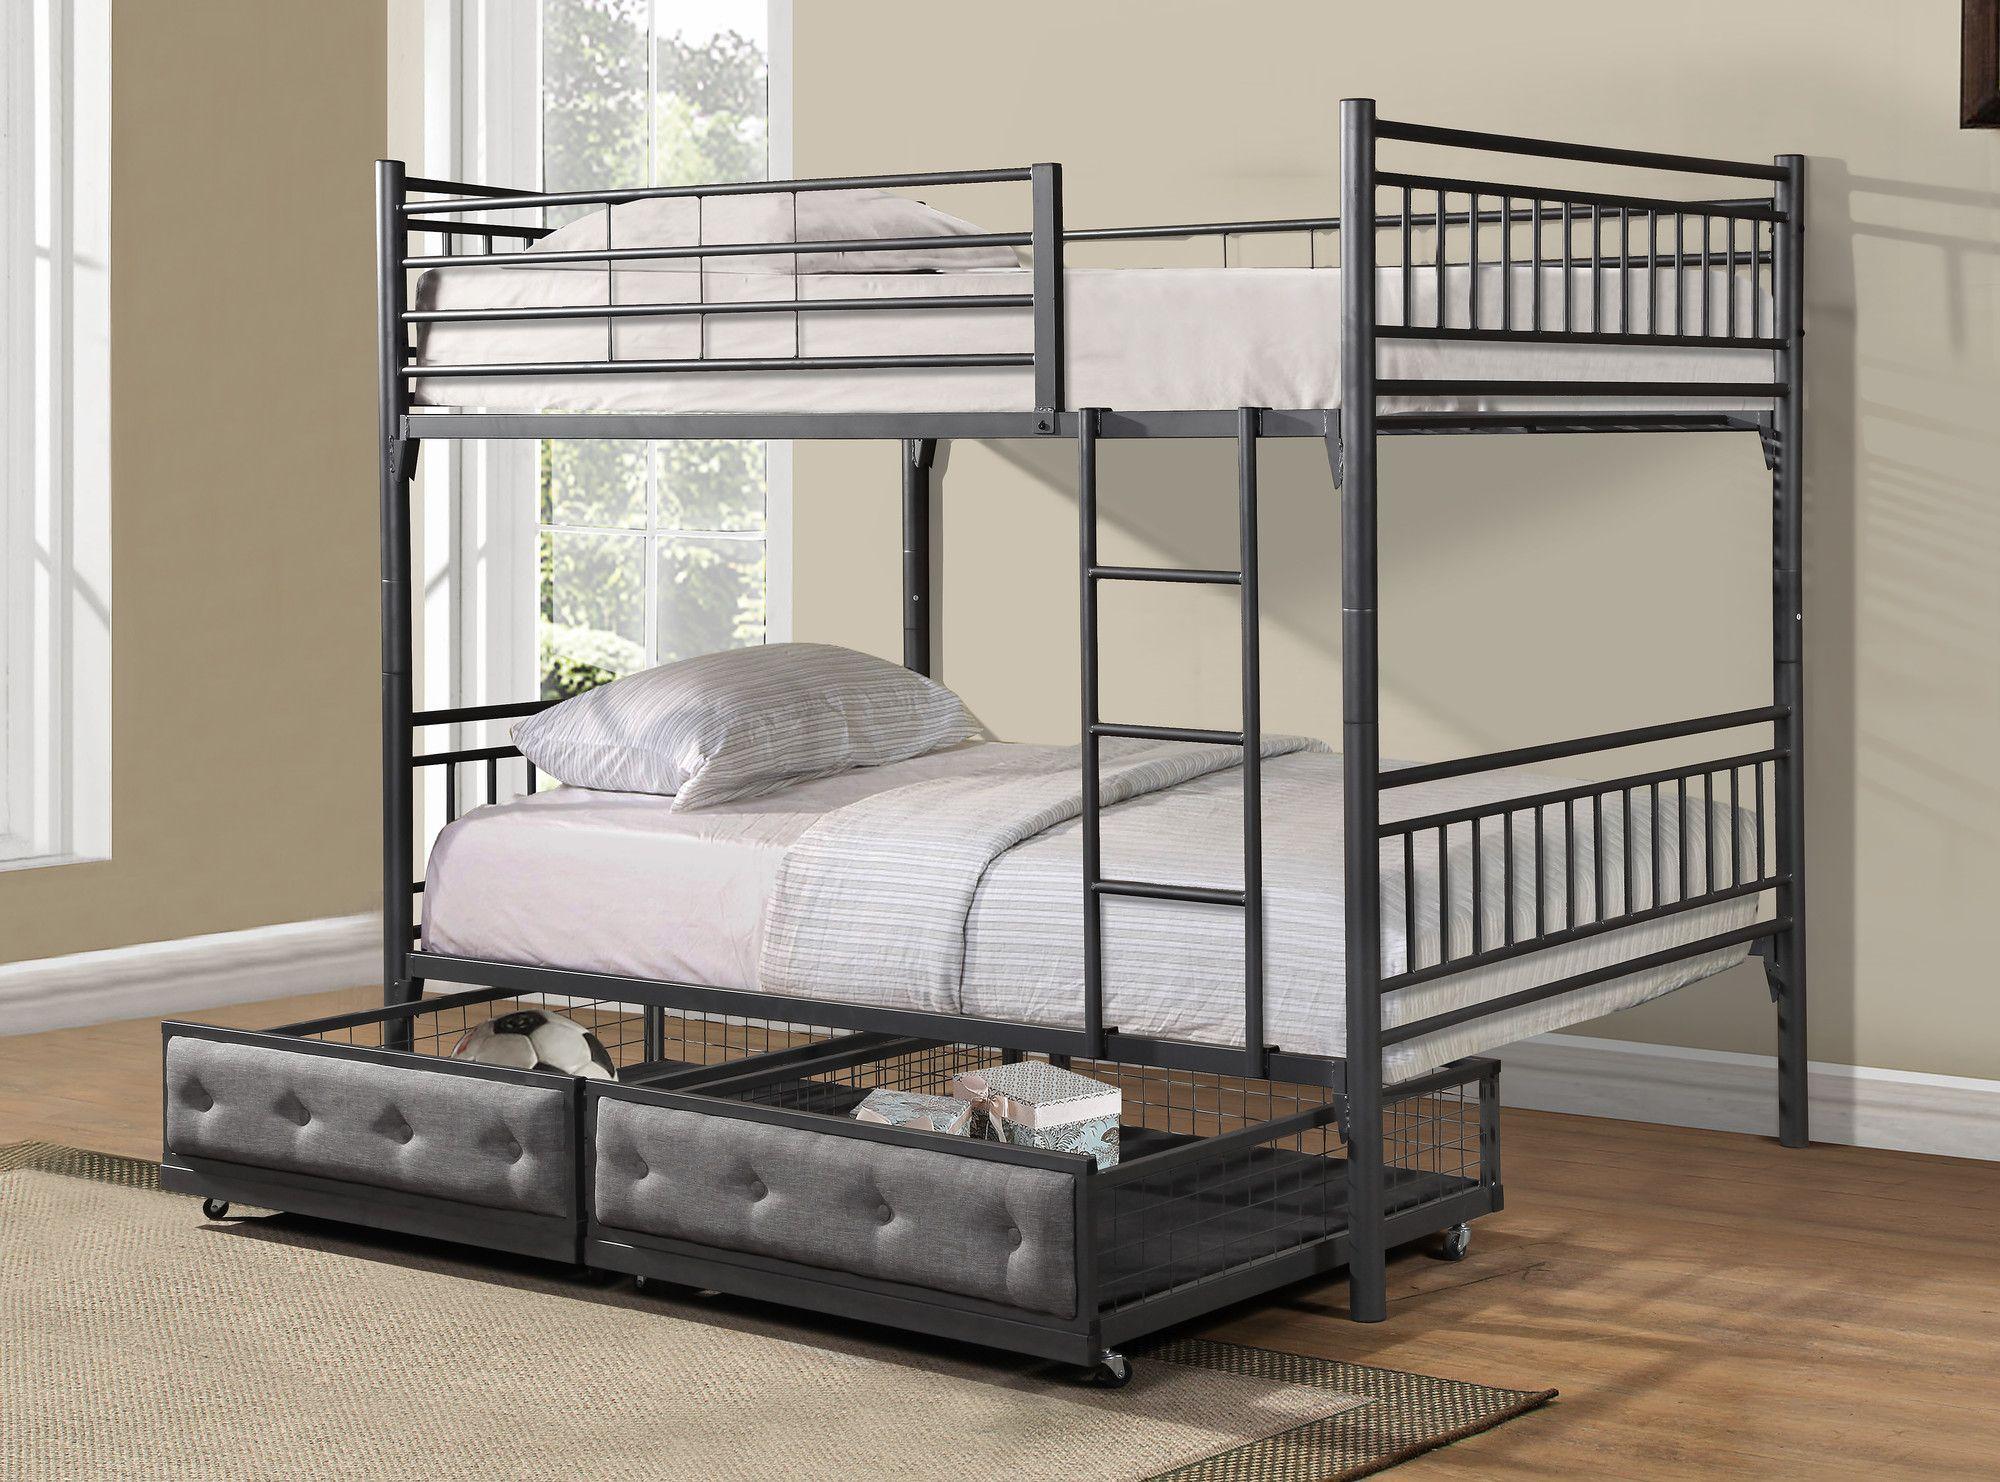 Lakeland mills twin over queen bunk bed amp reviews wayfair - Bunk Bed